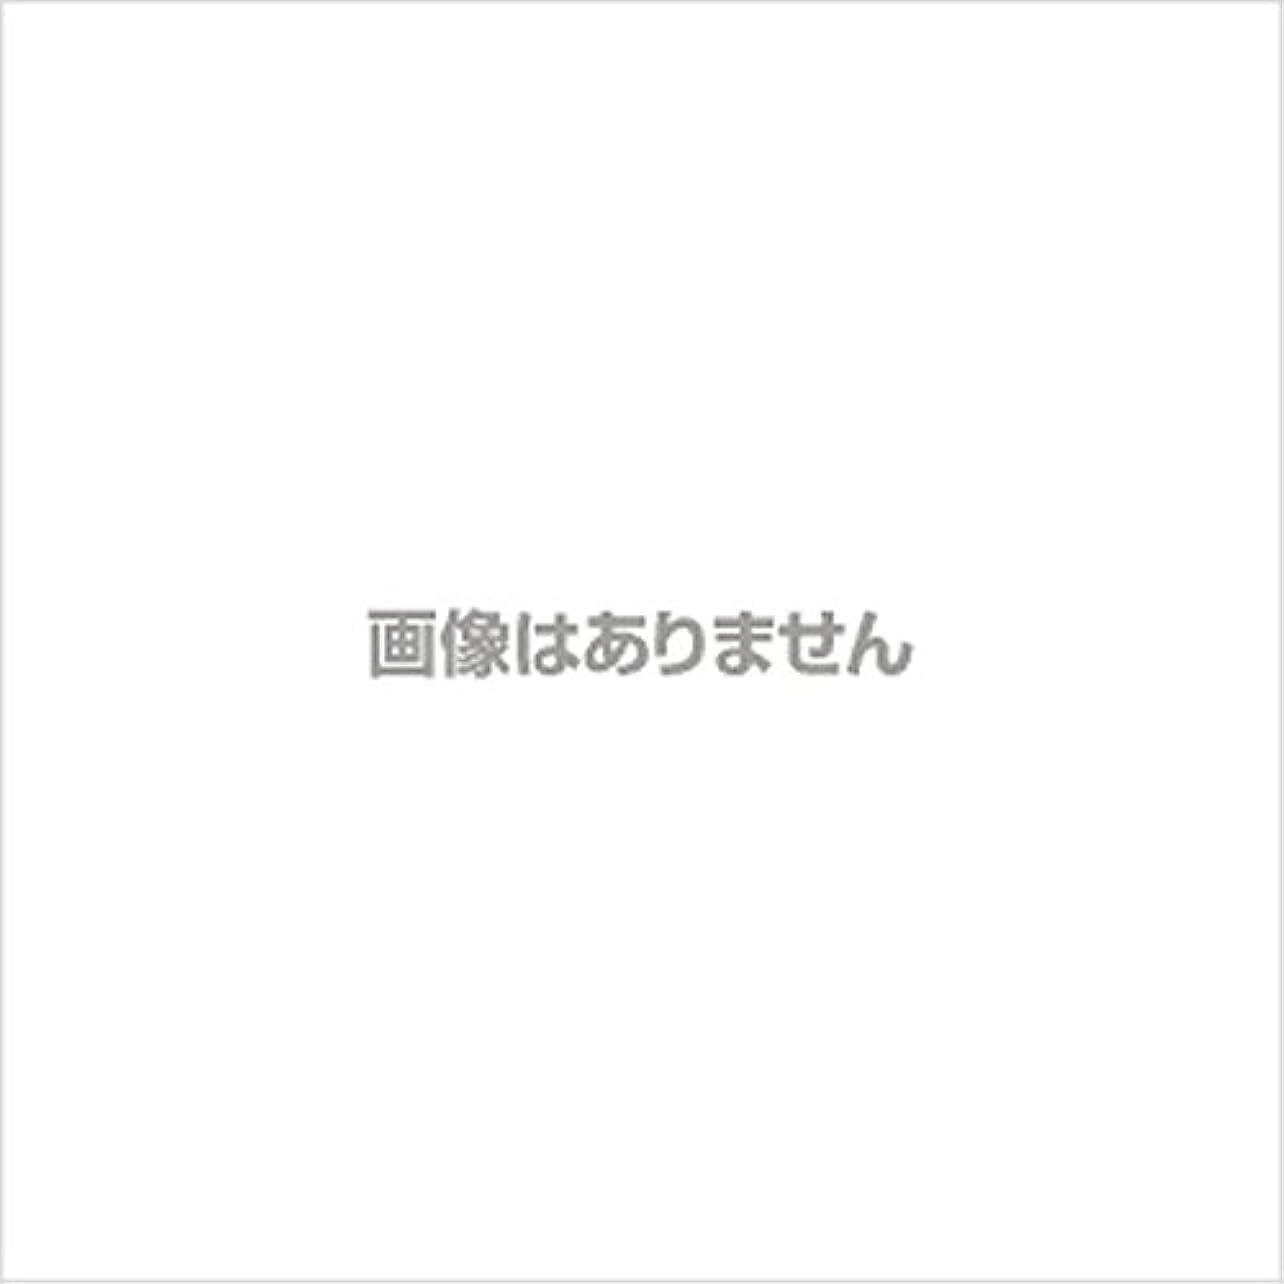 変成器思いやりスペクトラム【新発売】EBUKEA エブケアNO1002 プラスチックグローブ(粉付)Mサイズ 100枚入(極薄?半透明)